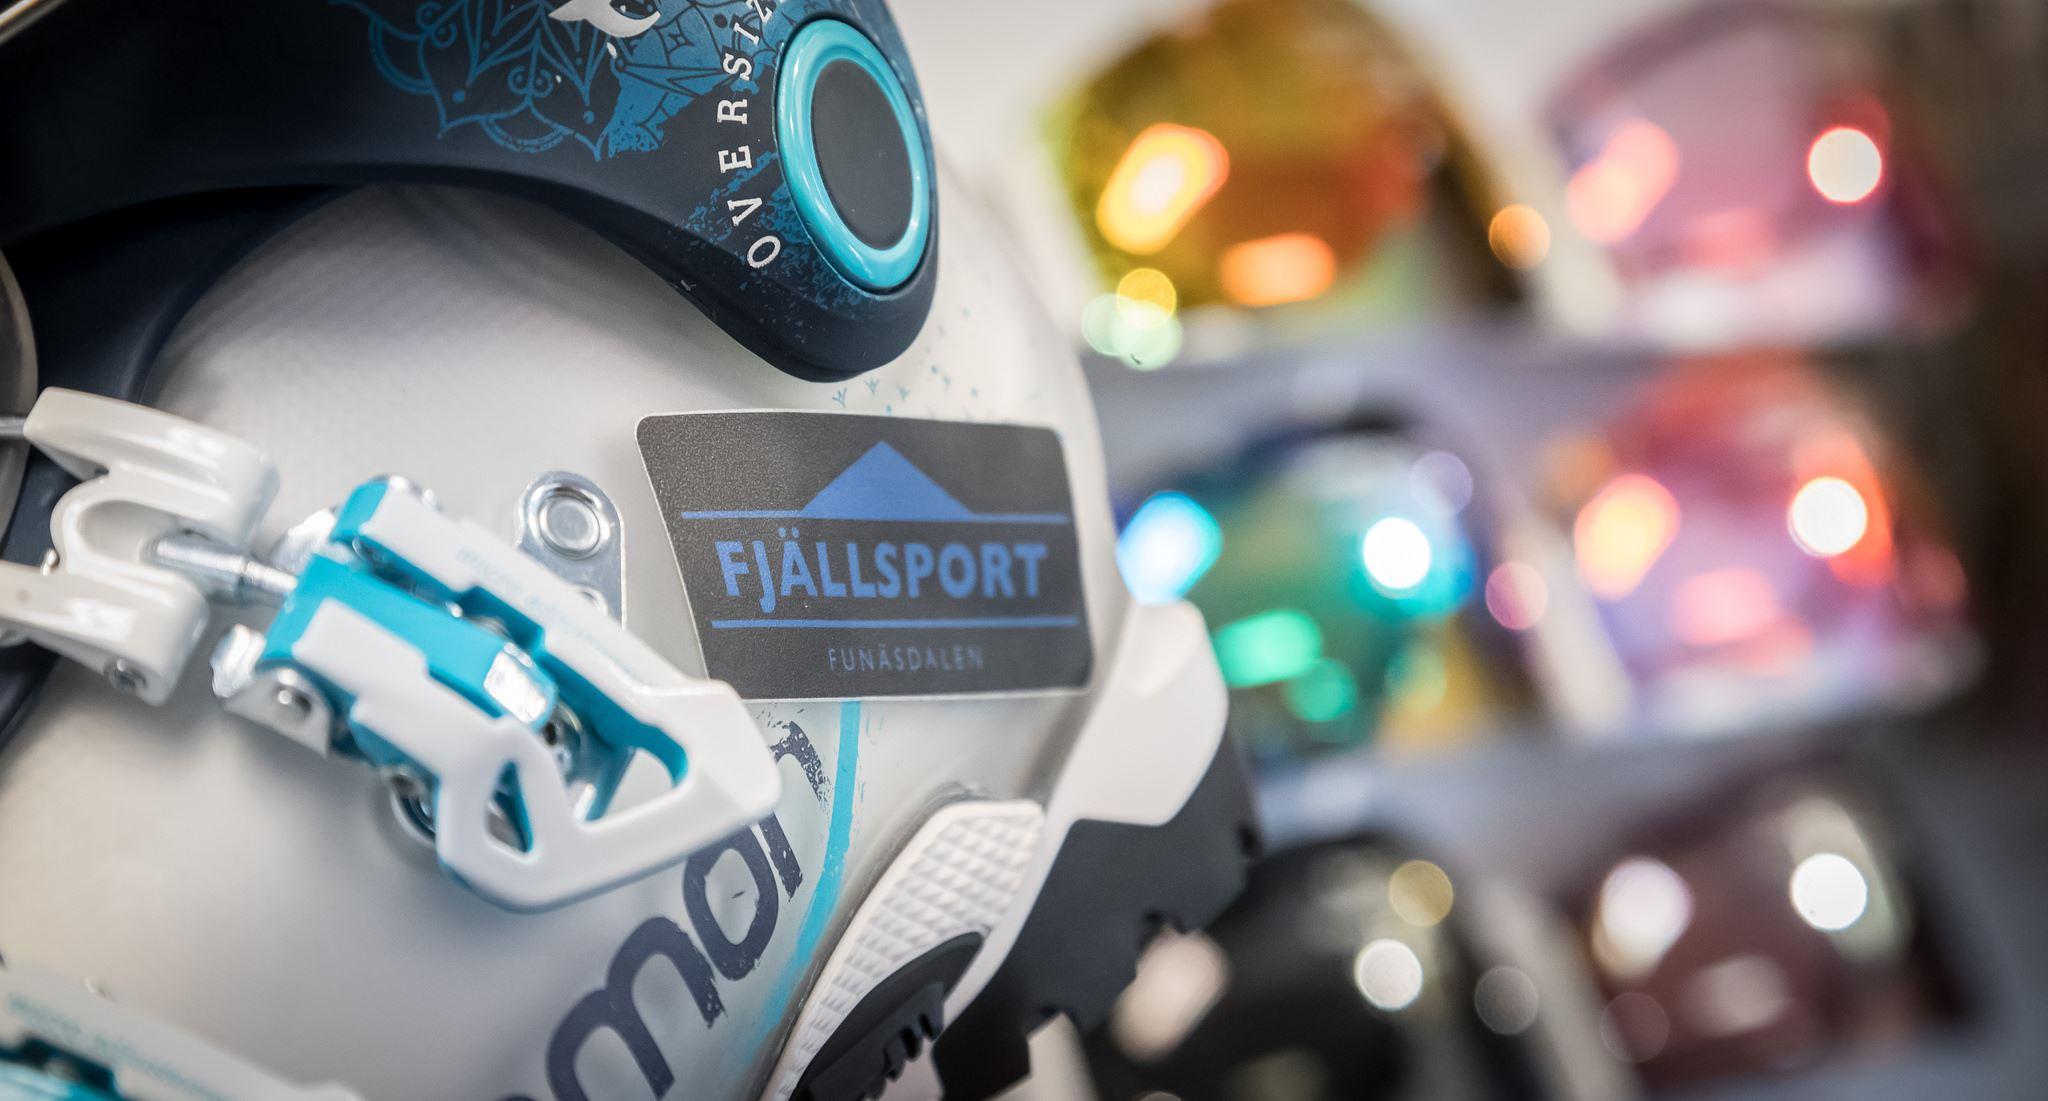 Fjällsport Skiduthyrning och Sportbutik